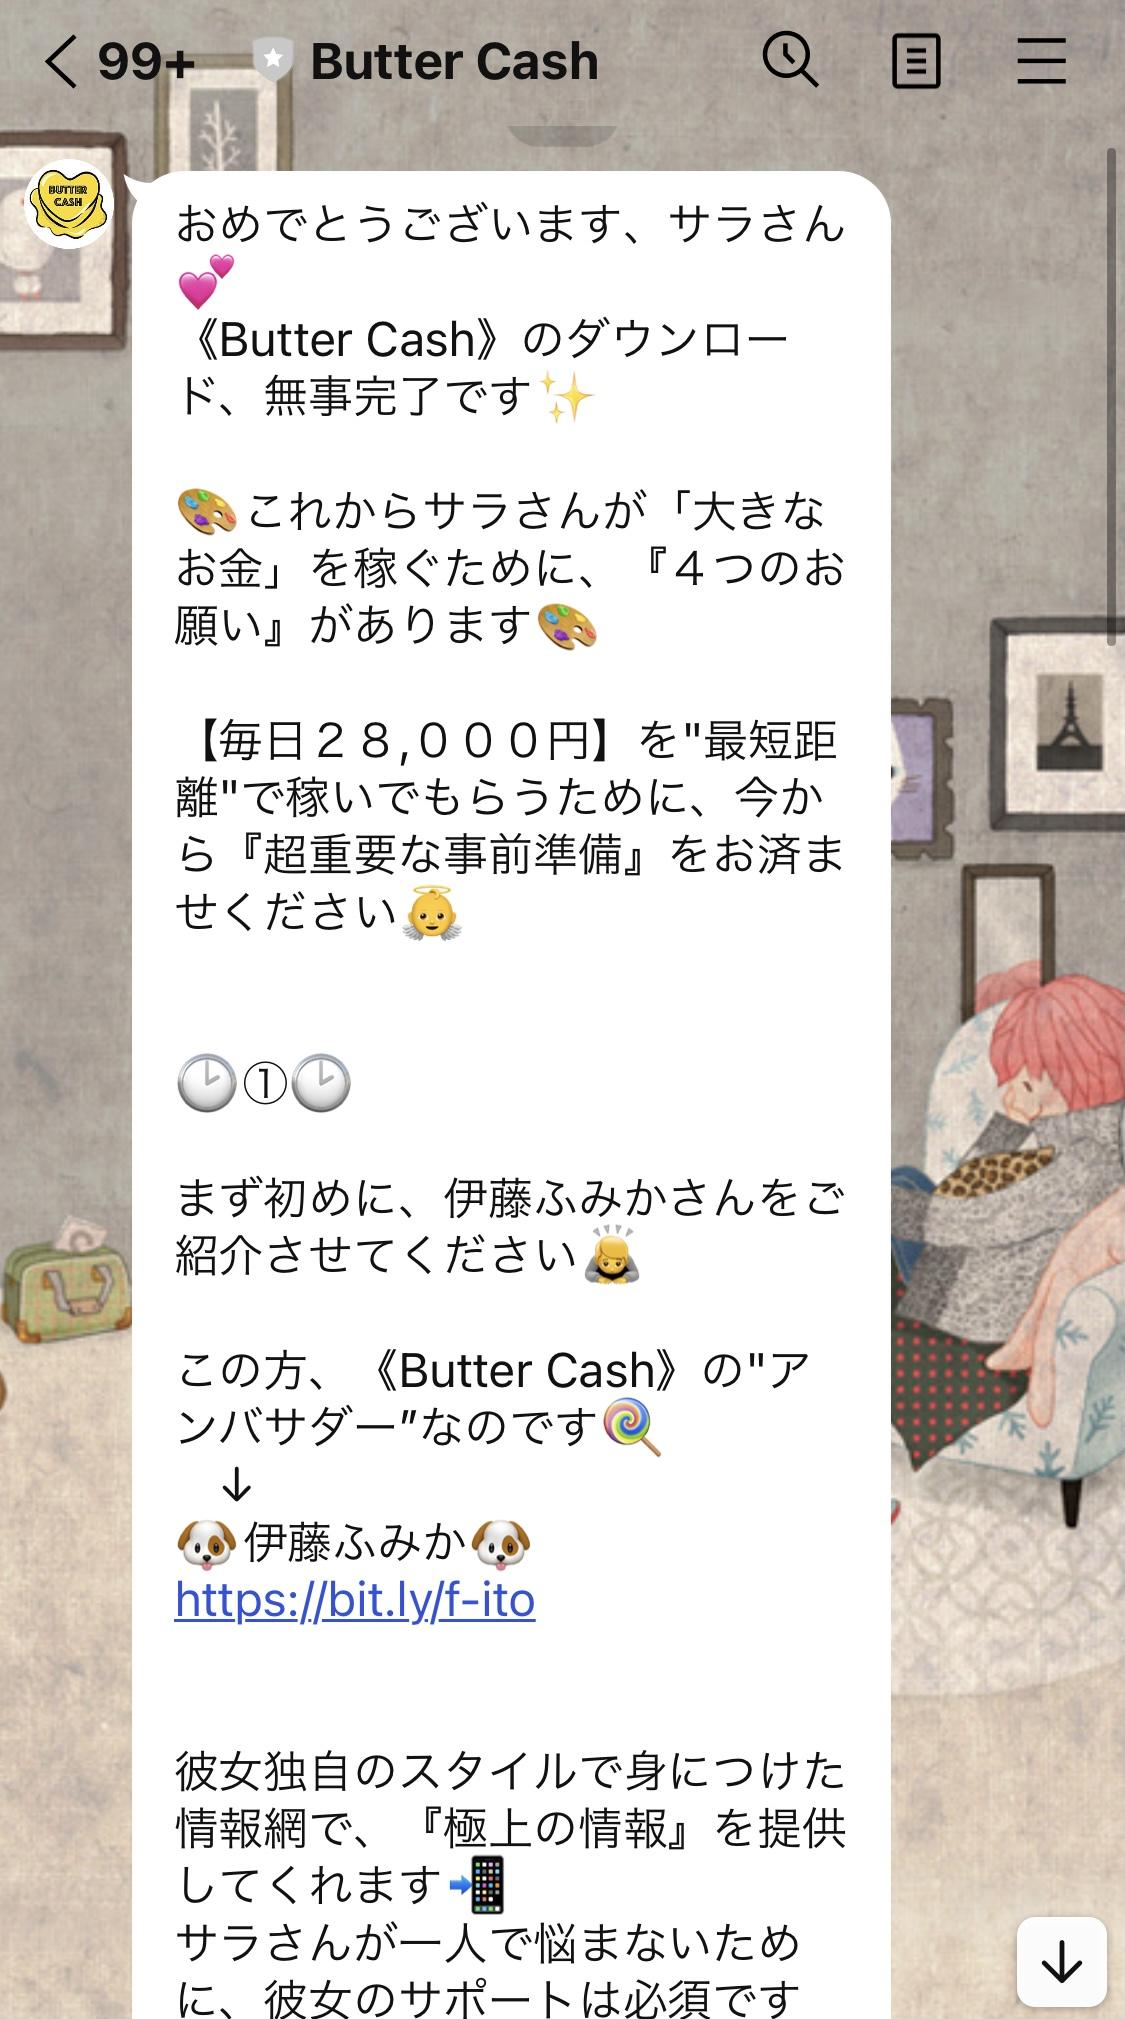 バターキャッシュLINE画面